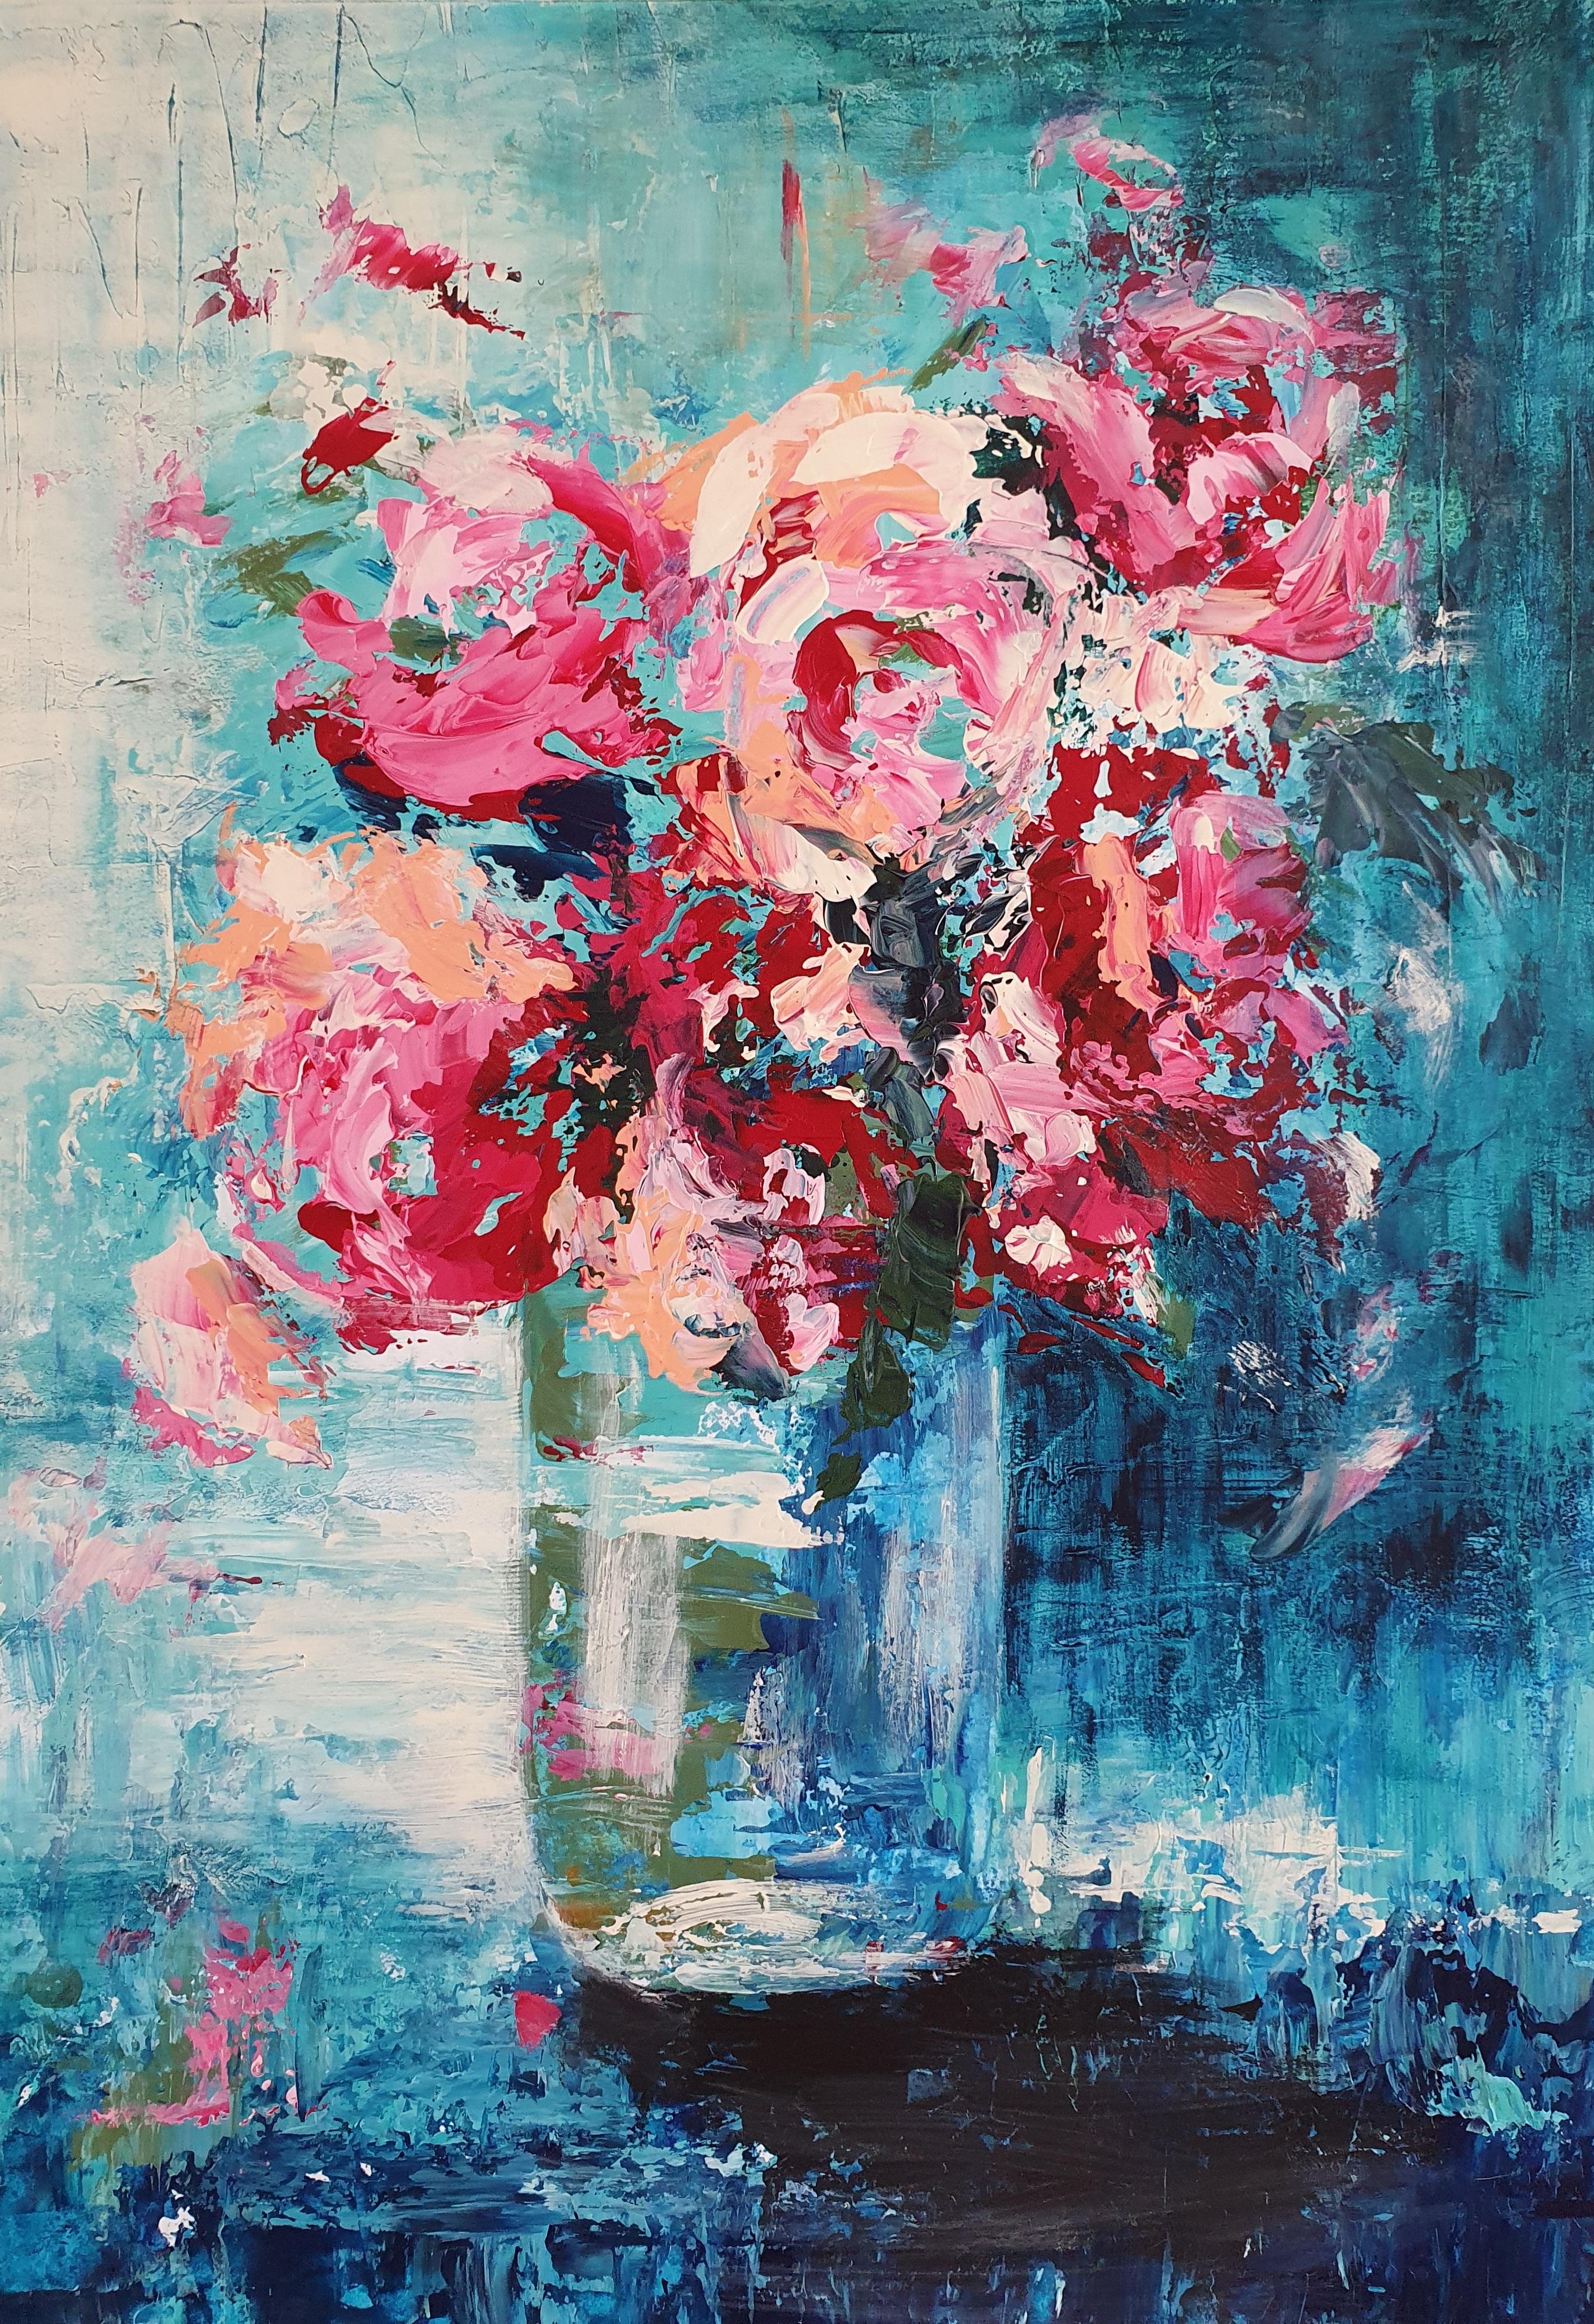 Floral Splendor |  Natuur | 38,5x55,5 | Acryl Op Paneel (Overgoten met epoxy)